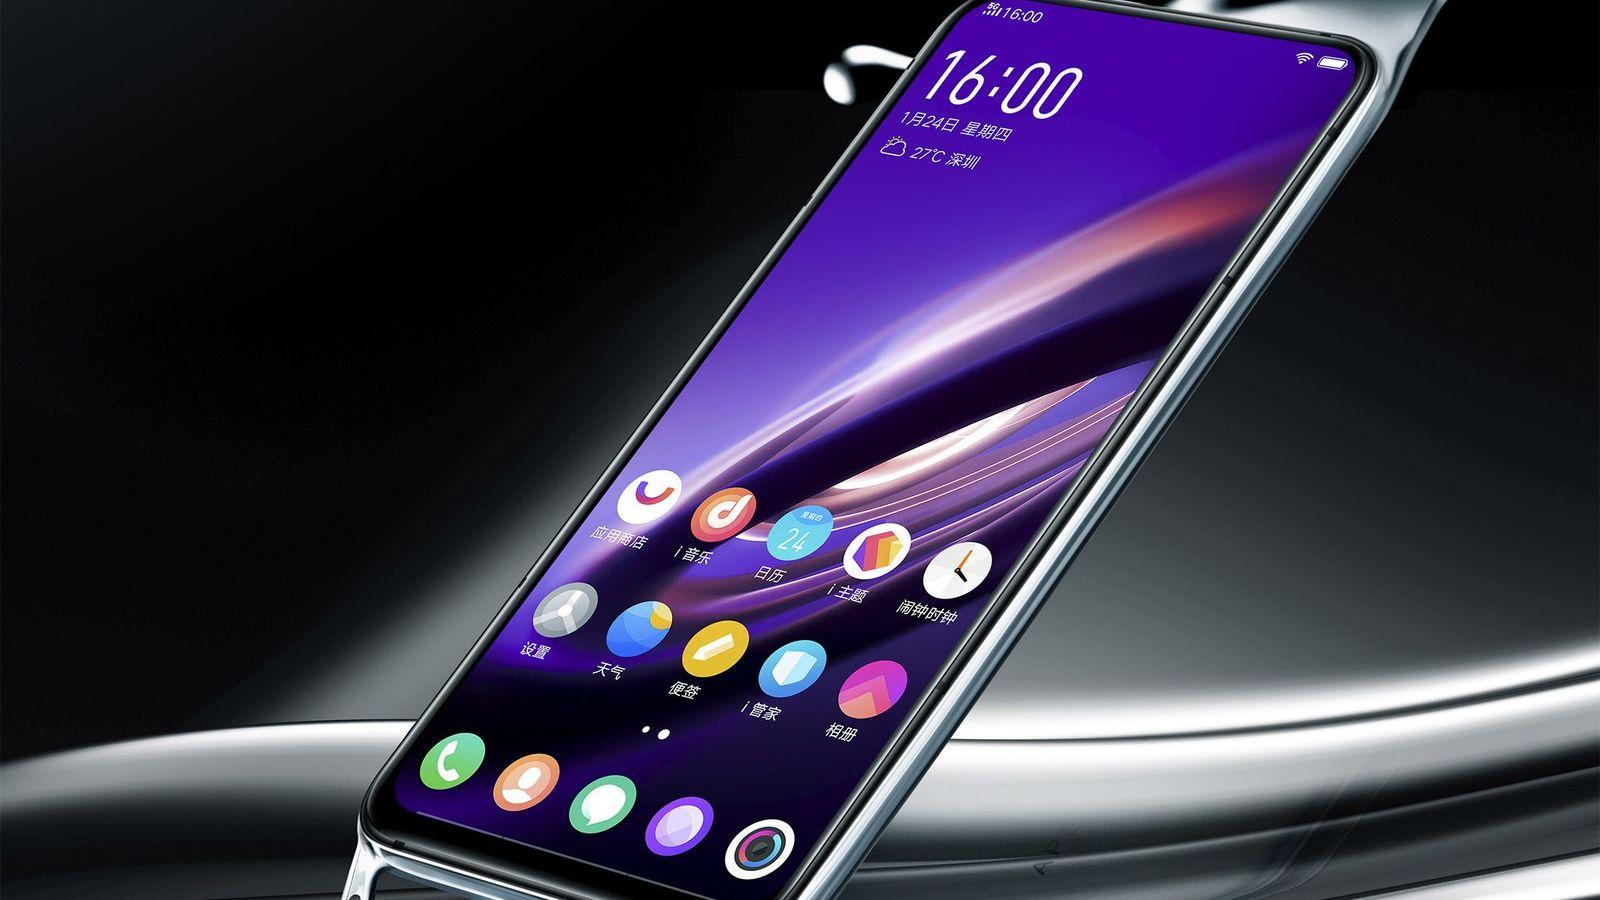 Vivo Apex 2019 har masse vi ikke har sett i smarttelefoner om dagen, blant annet heldekkende fingeravtrykkleser og et veldig spesielt desgin.